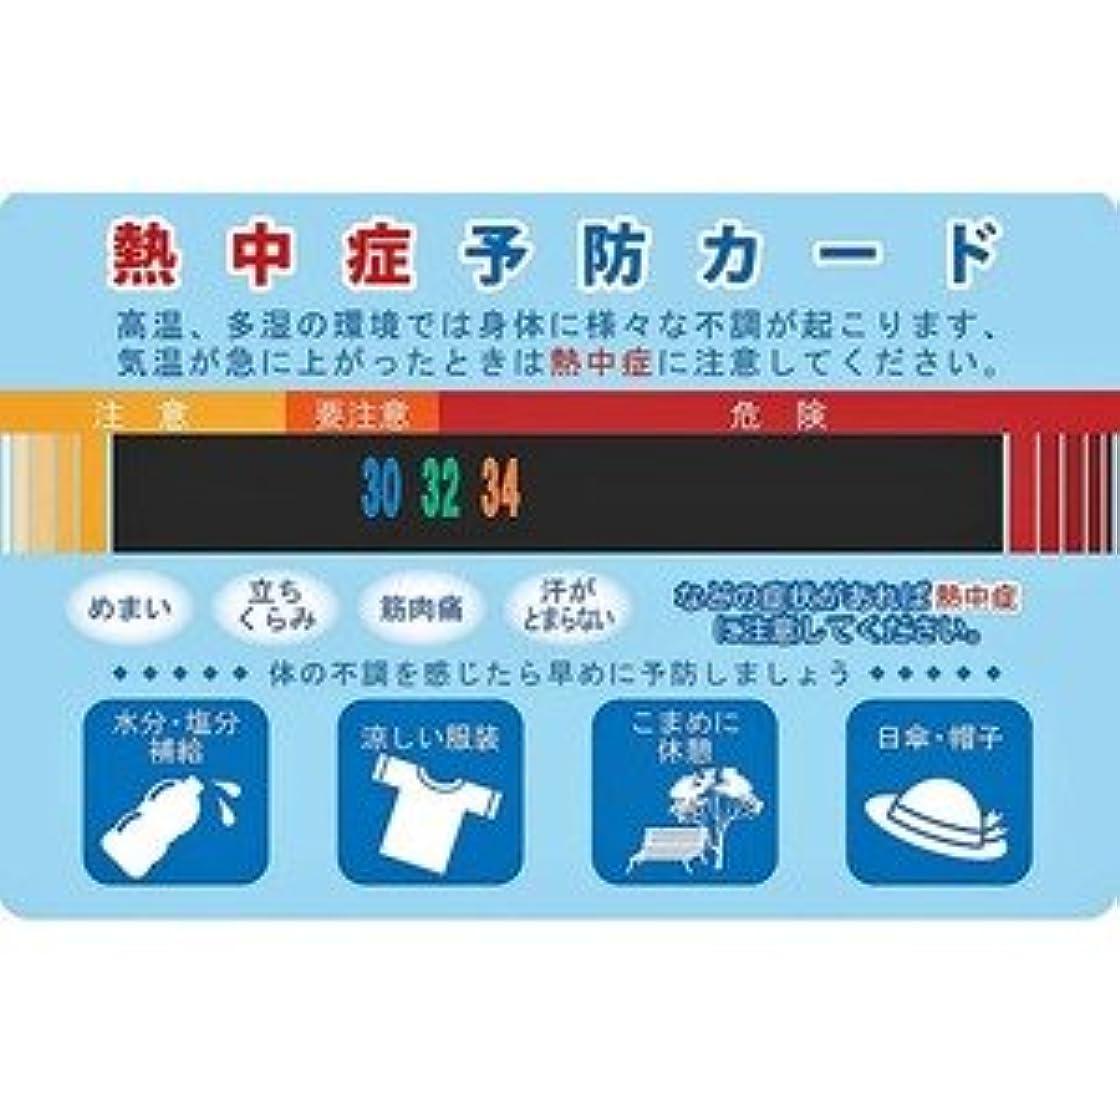 病者訪問複合熱中症予防カード?NE1 【100枚セット】 熱中症対策